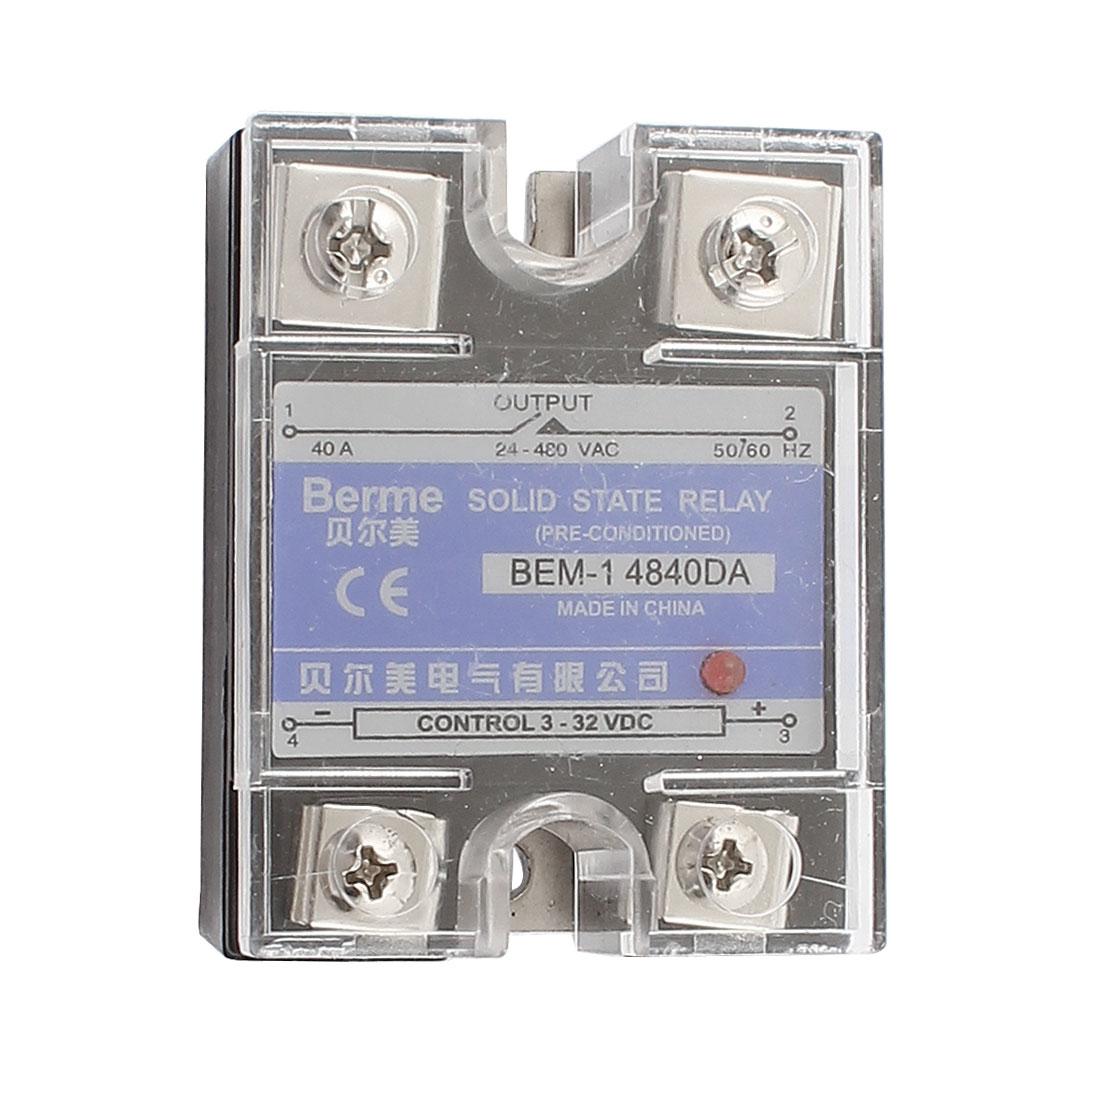 Solid State Relay Module BEM-1 4840DA DC-AC 40A 3-32VDC/24-480VAC